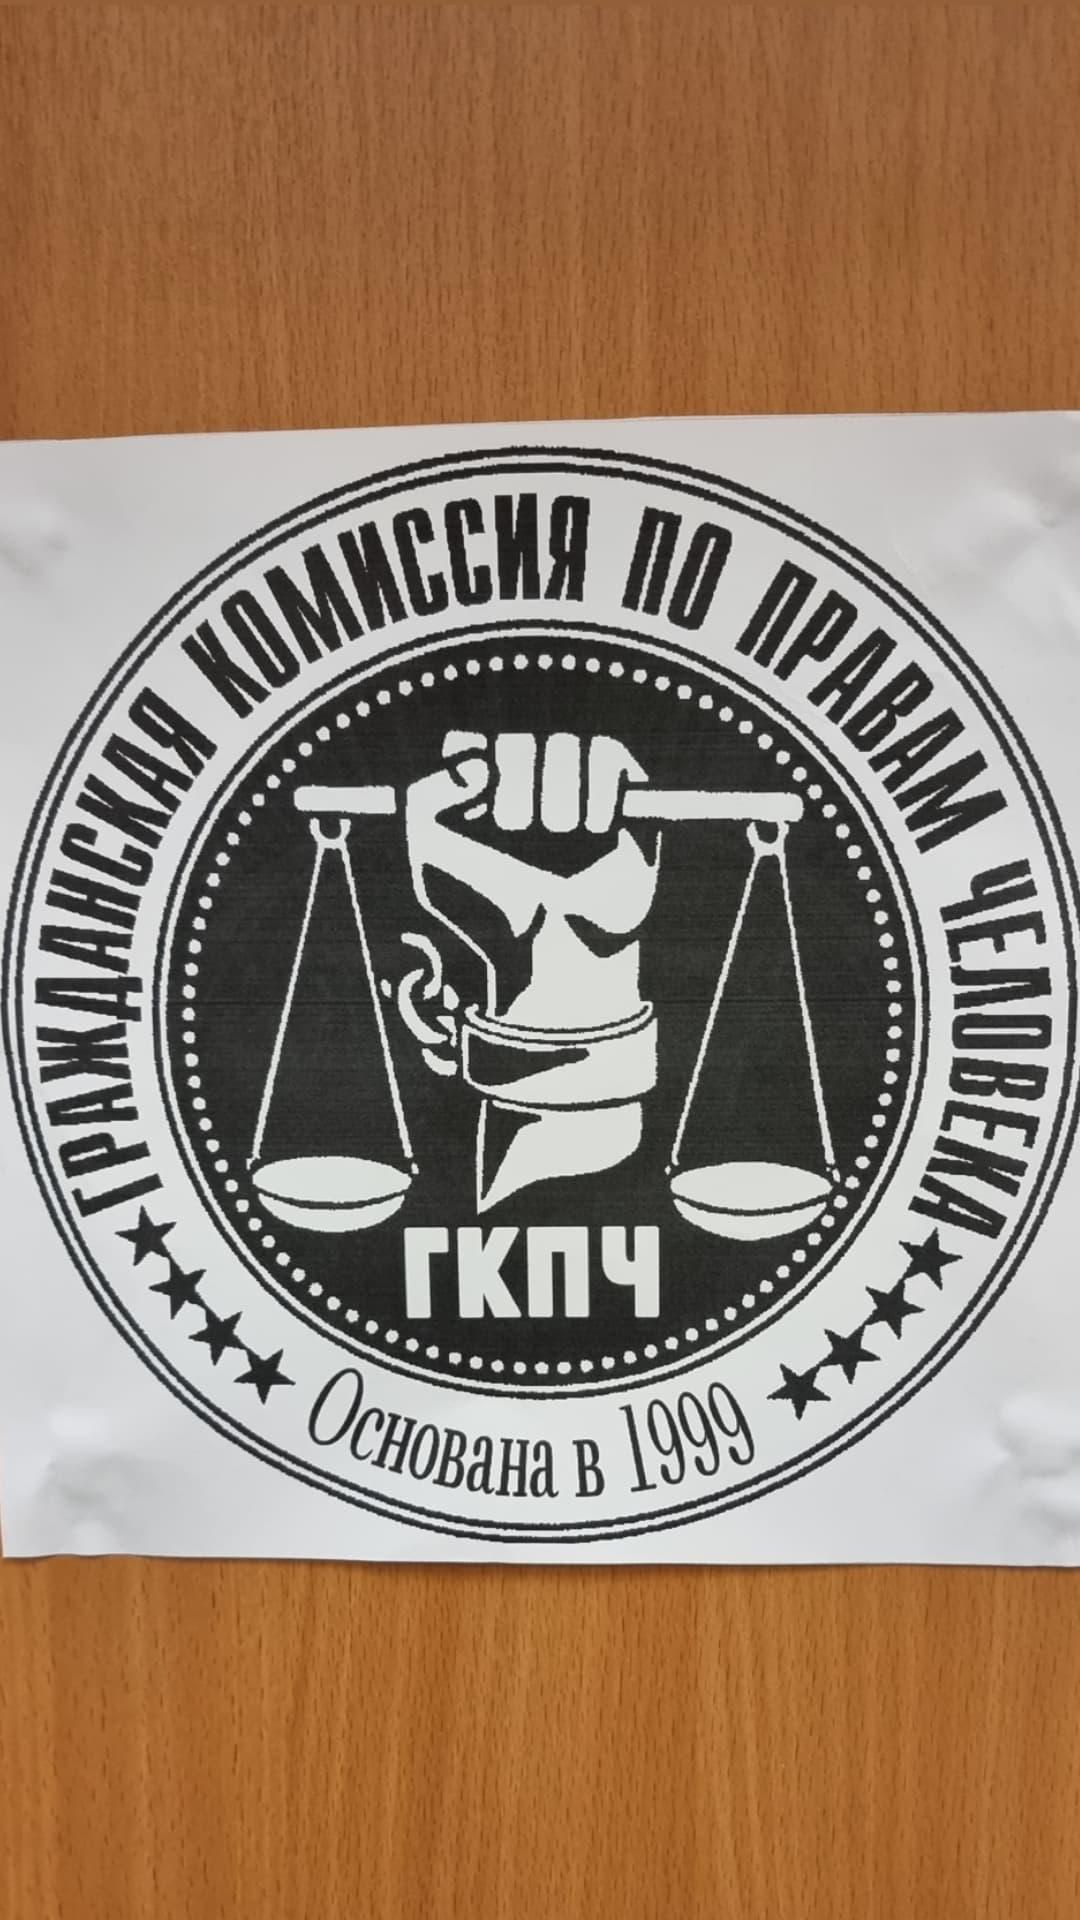 Из сториз президента ГКПЧ Мальчиковой. https://www.instagram.com/tania.malchikova/?hl=ru